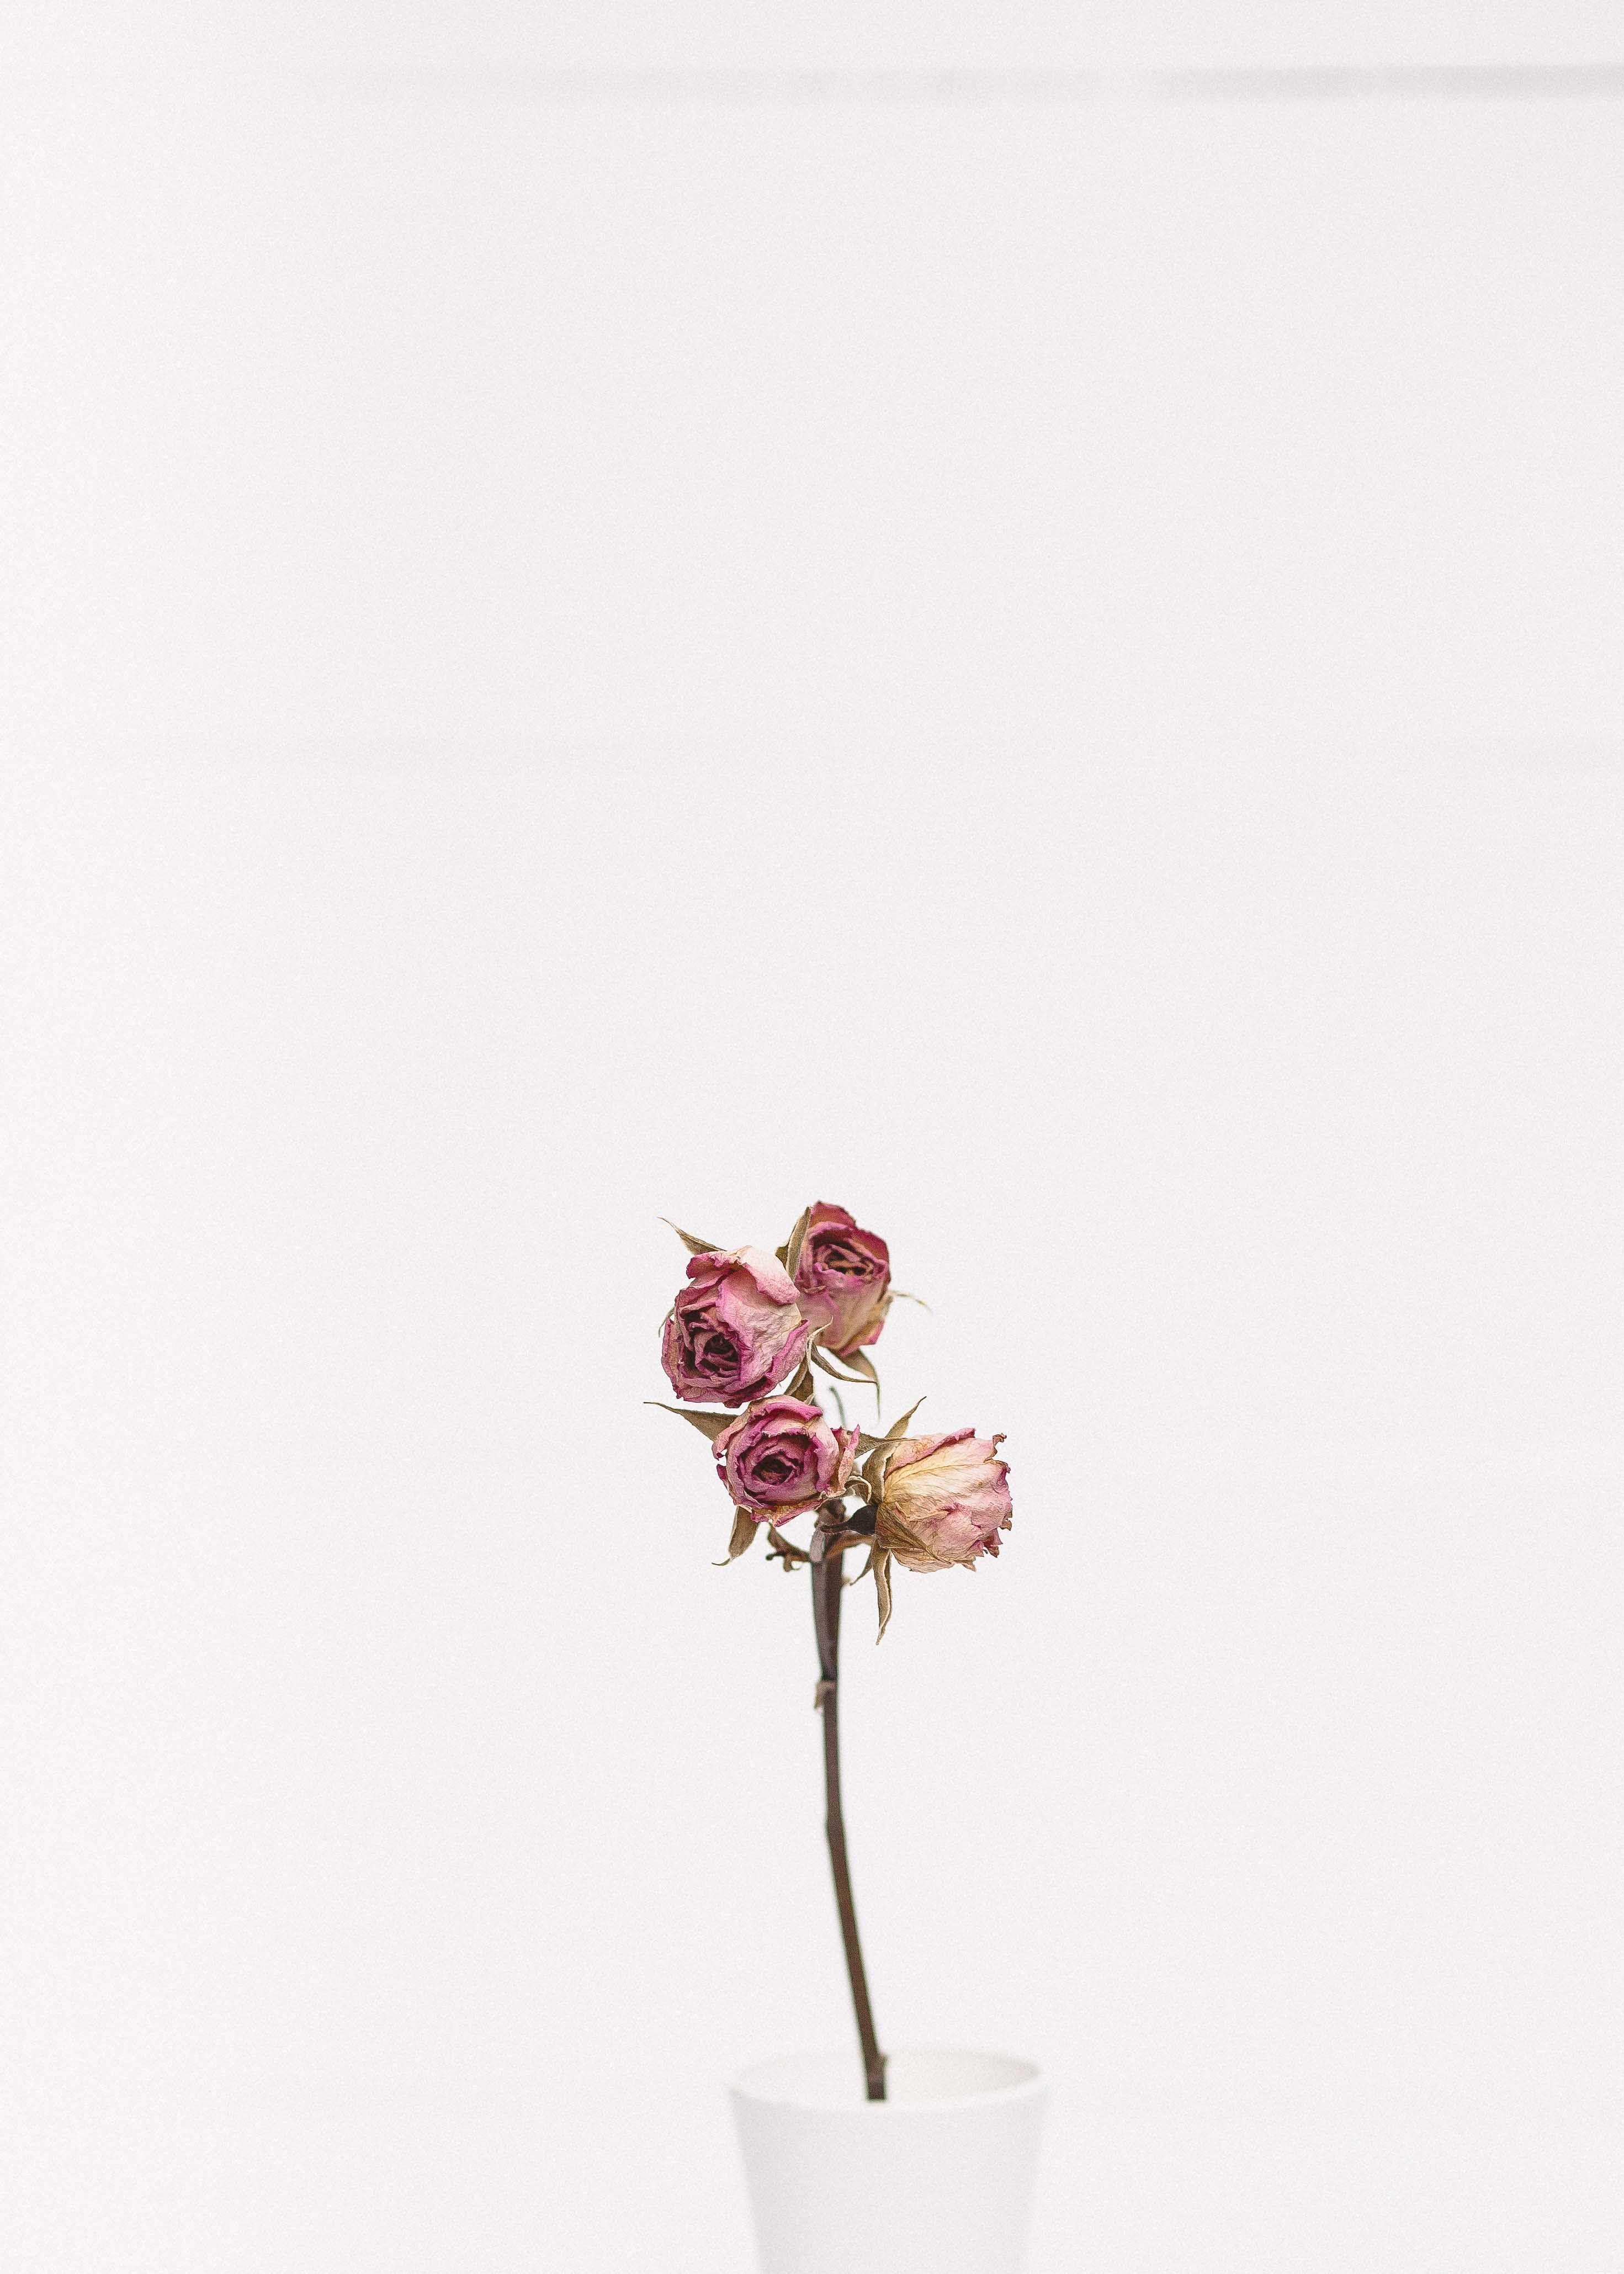 минималистичные картинки с цветами